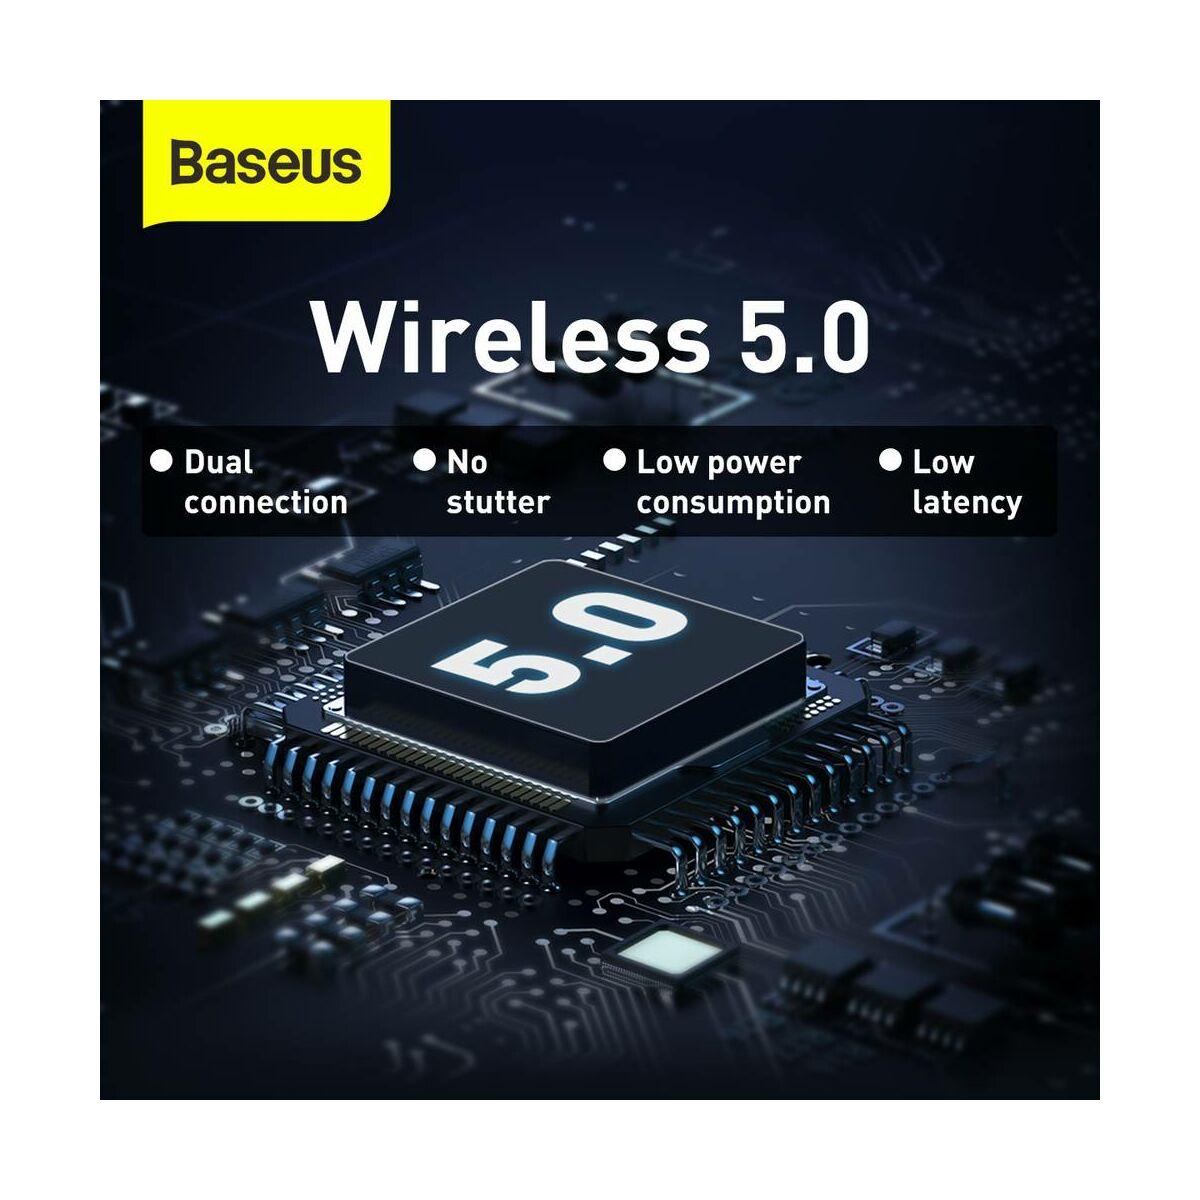 Baseus fülhallgató, Bluetooth Encok WM01 True Wireless, vezeték nélküli, BT 5.0, lila (NGWM01-05)